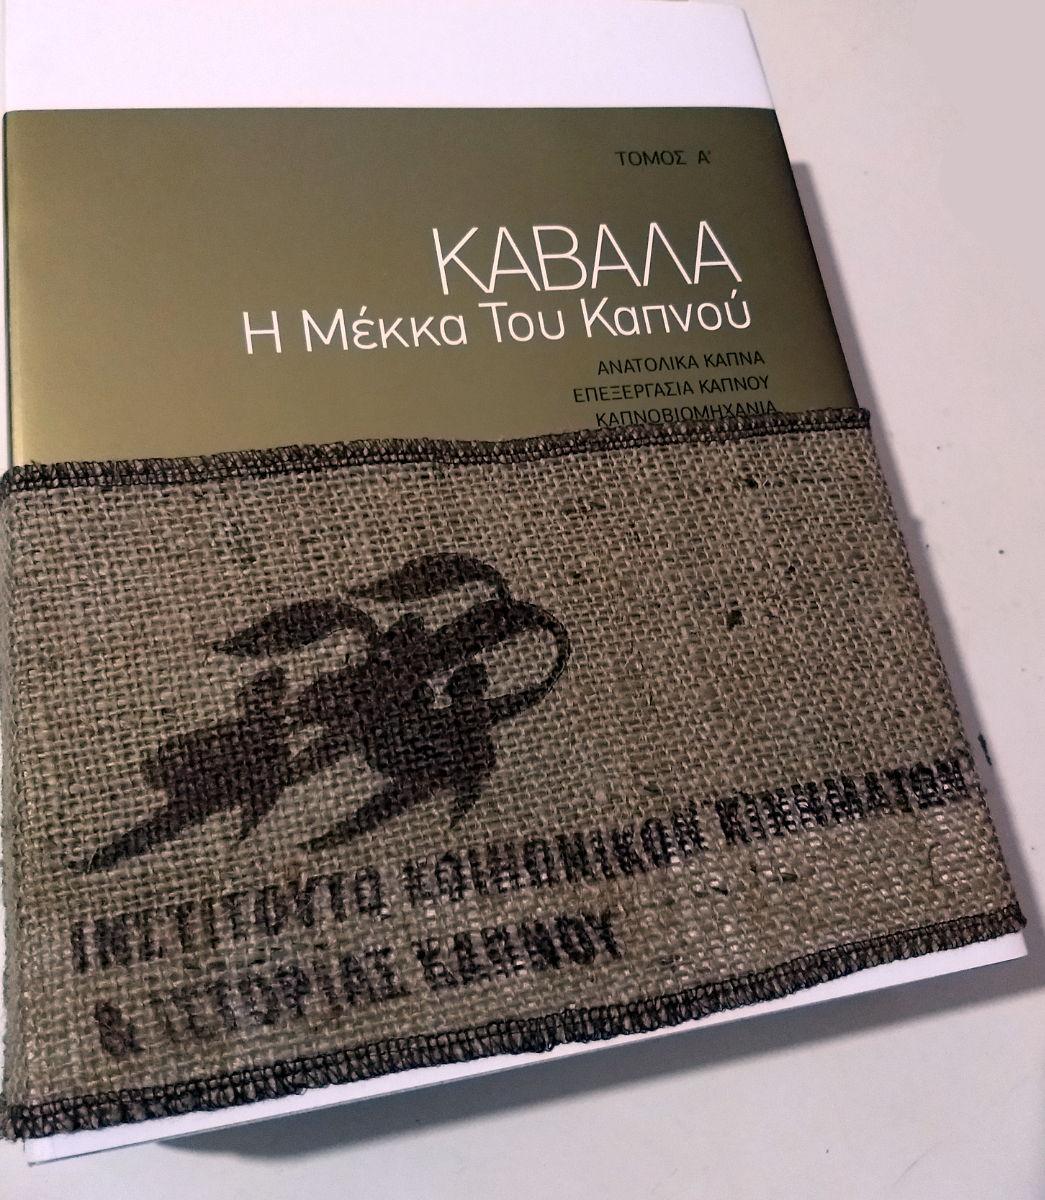 εξώφυλλο βιβλίου «Καβάλα η Μέκκα του καπνού»